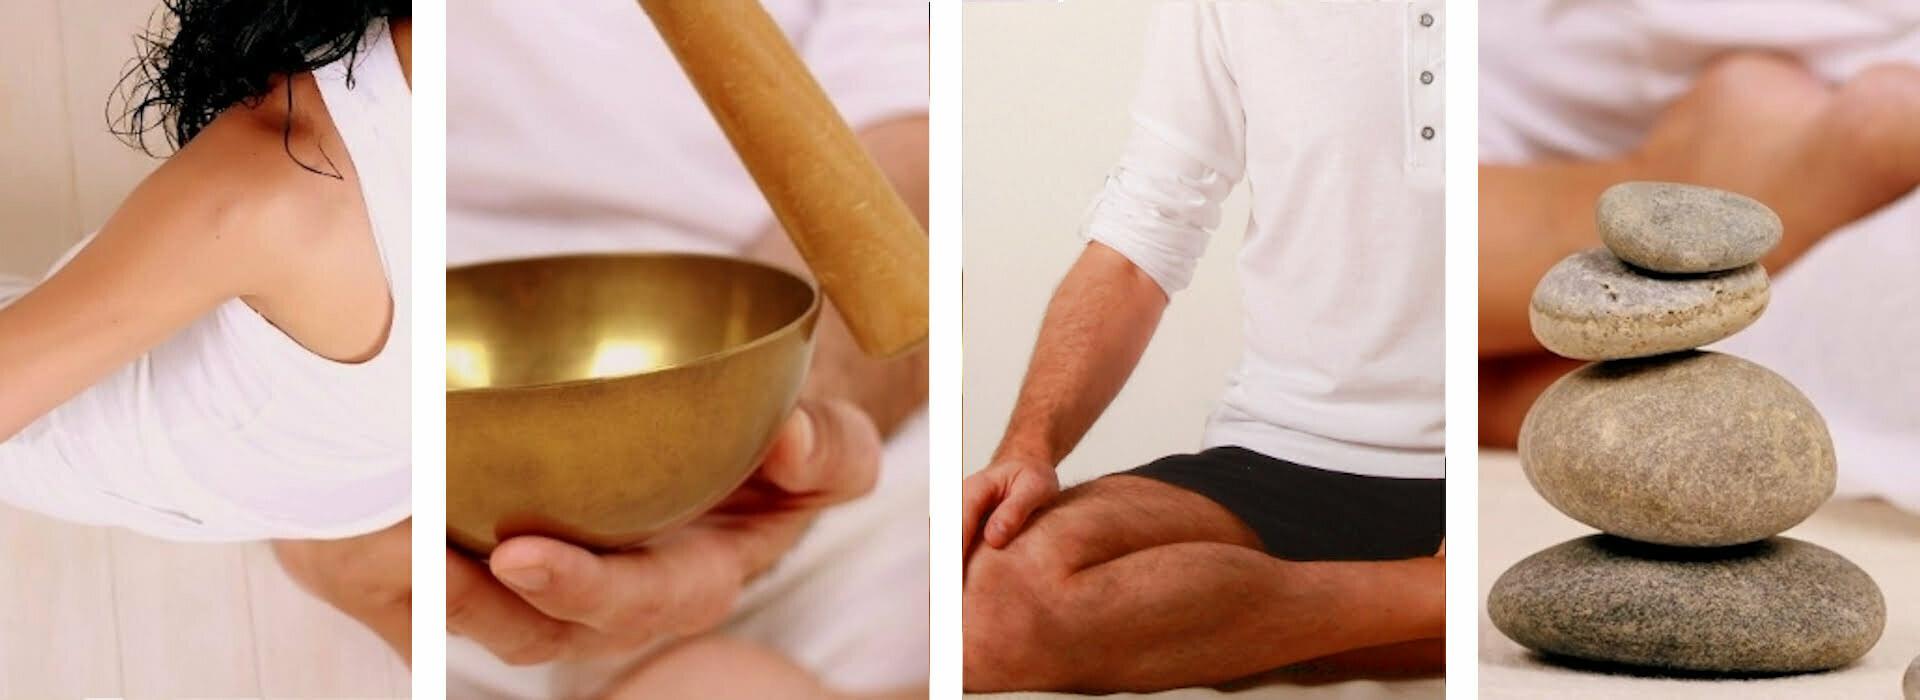 espai de ioga lleida